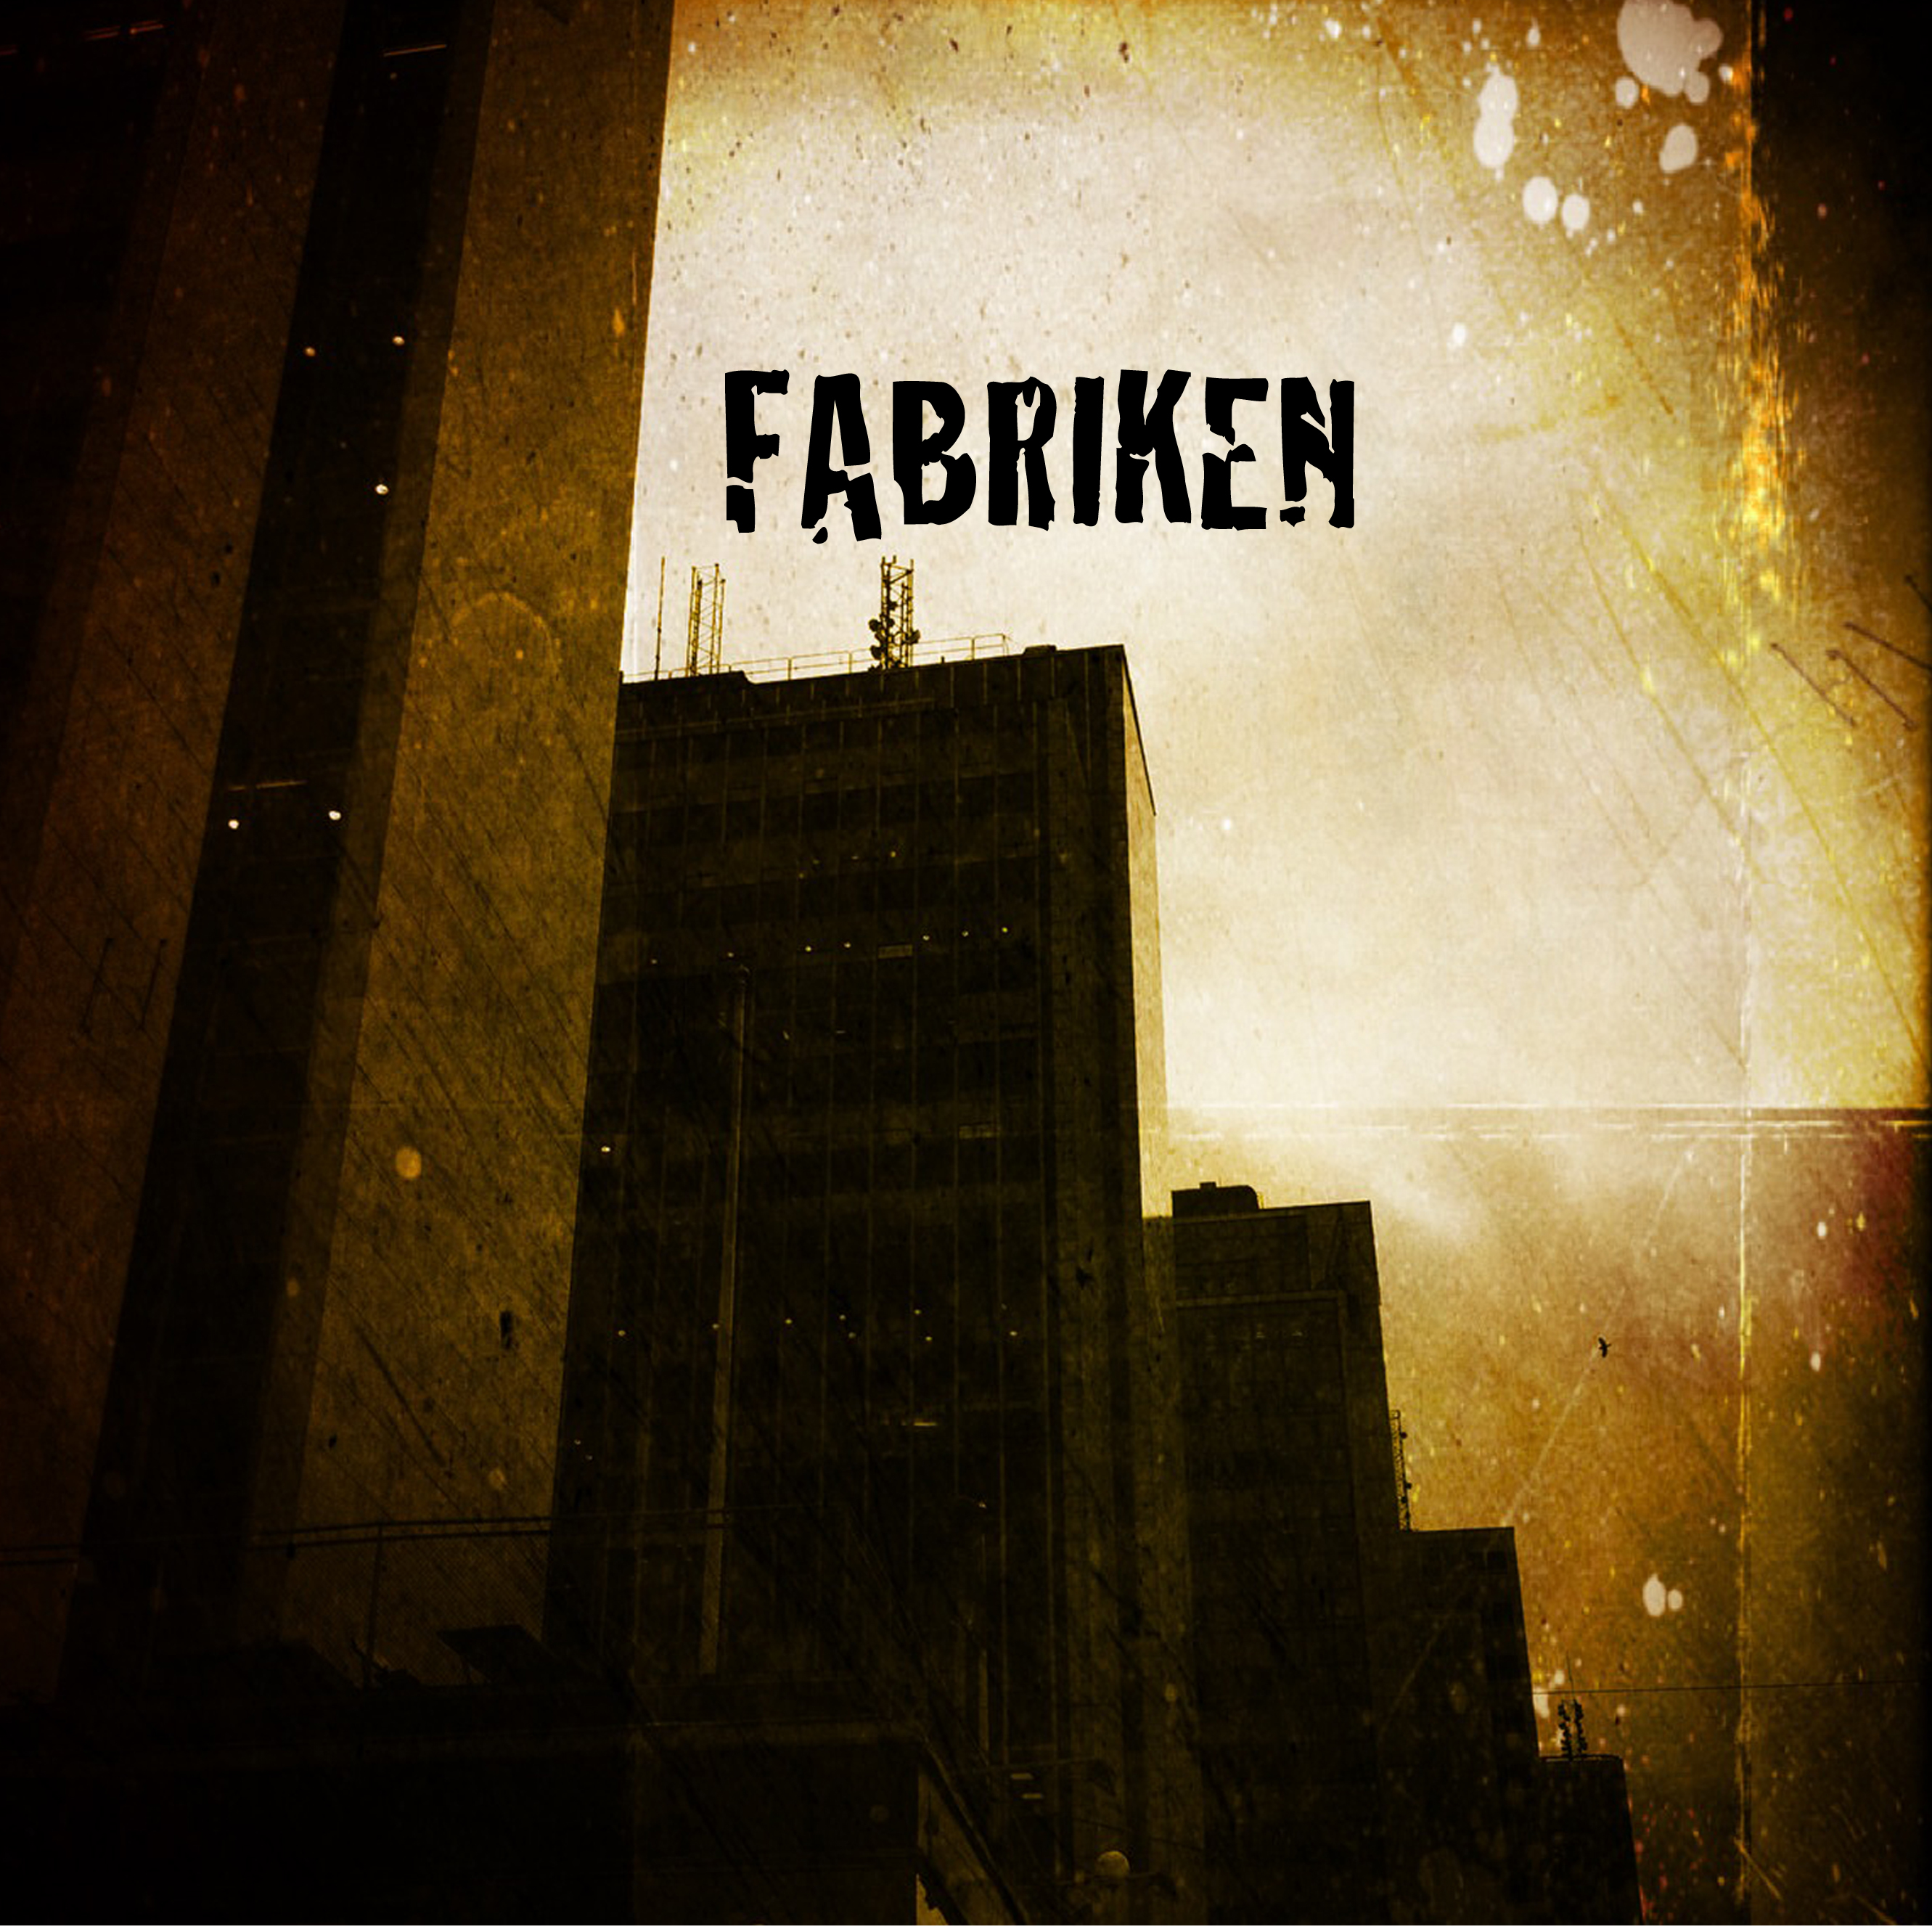 Fabriken - Där det Alltid regnar - parallax-ip6plus_logo